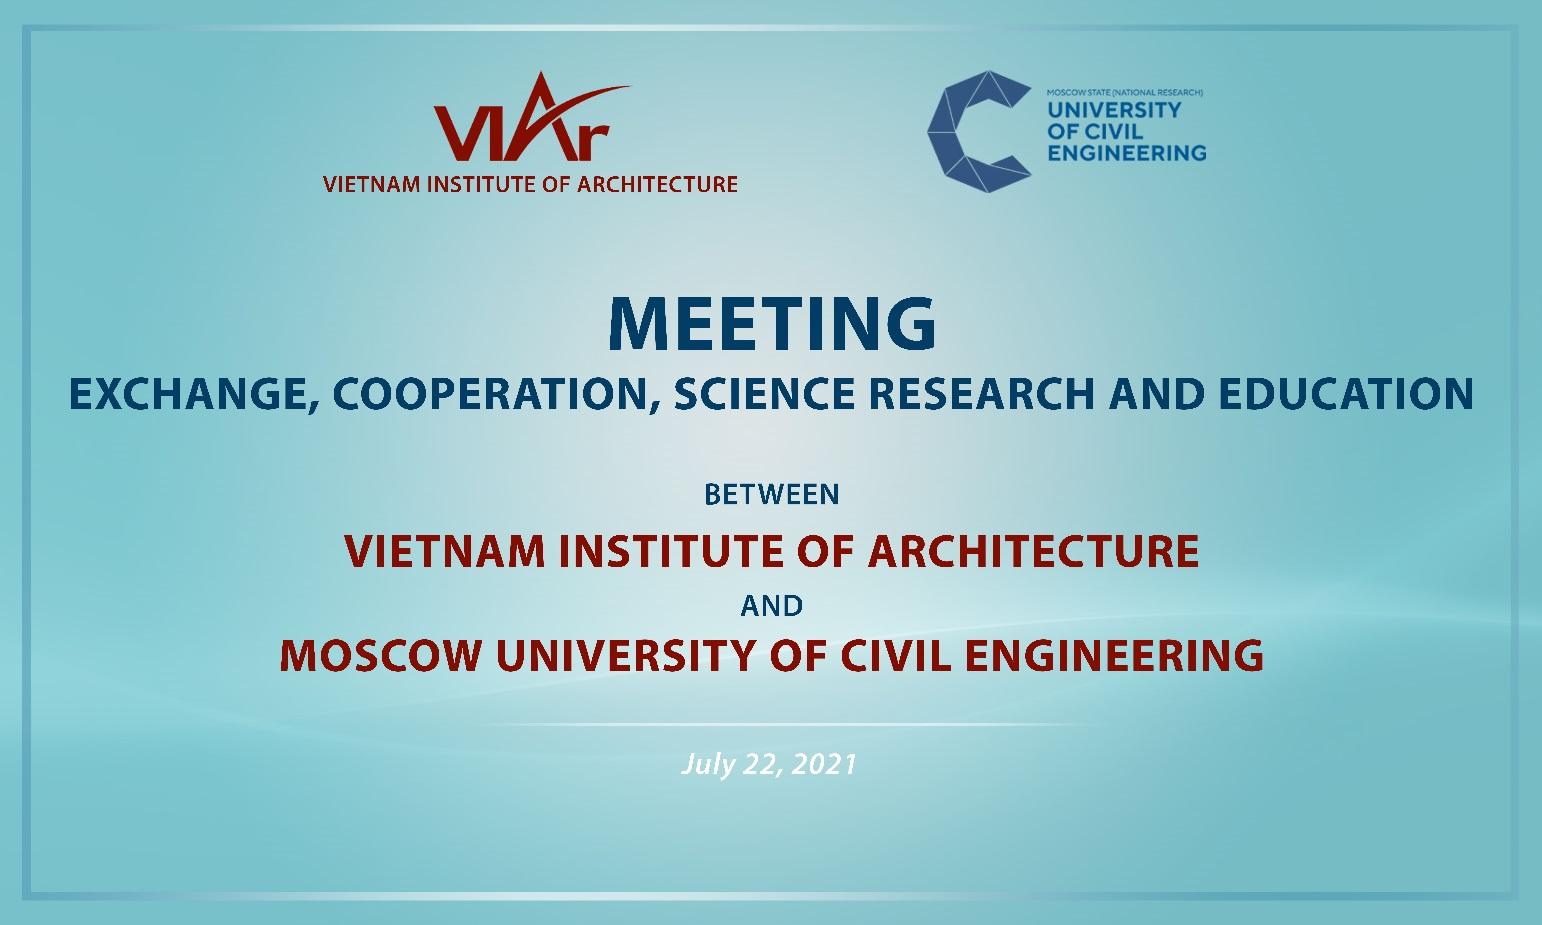 Viện Kiến trúc Quốc gia hợp tác với Đại học Xây dựng Quốc gia Moscow trong lĩnh vực đào tạo, nghiên cứu và ứng dụng về kiến trúc và xây dựng